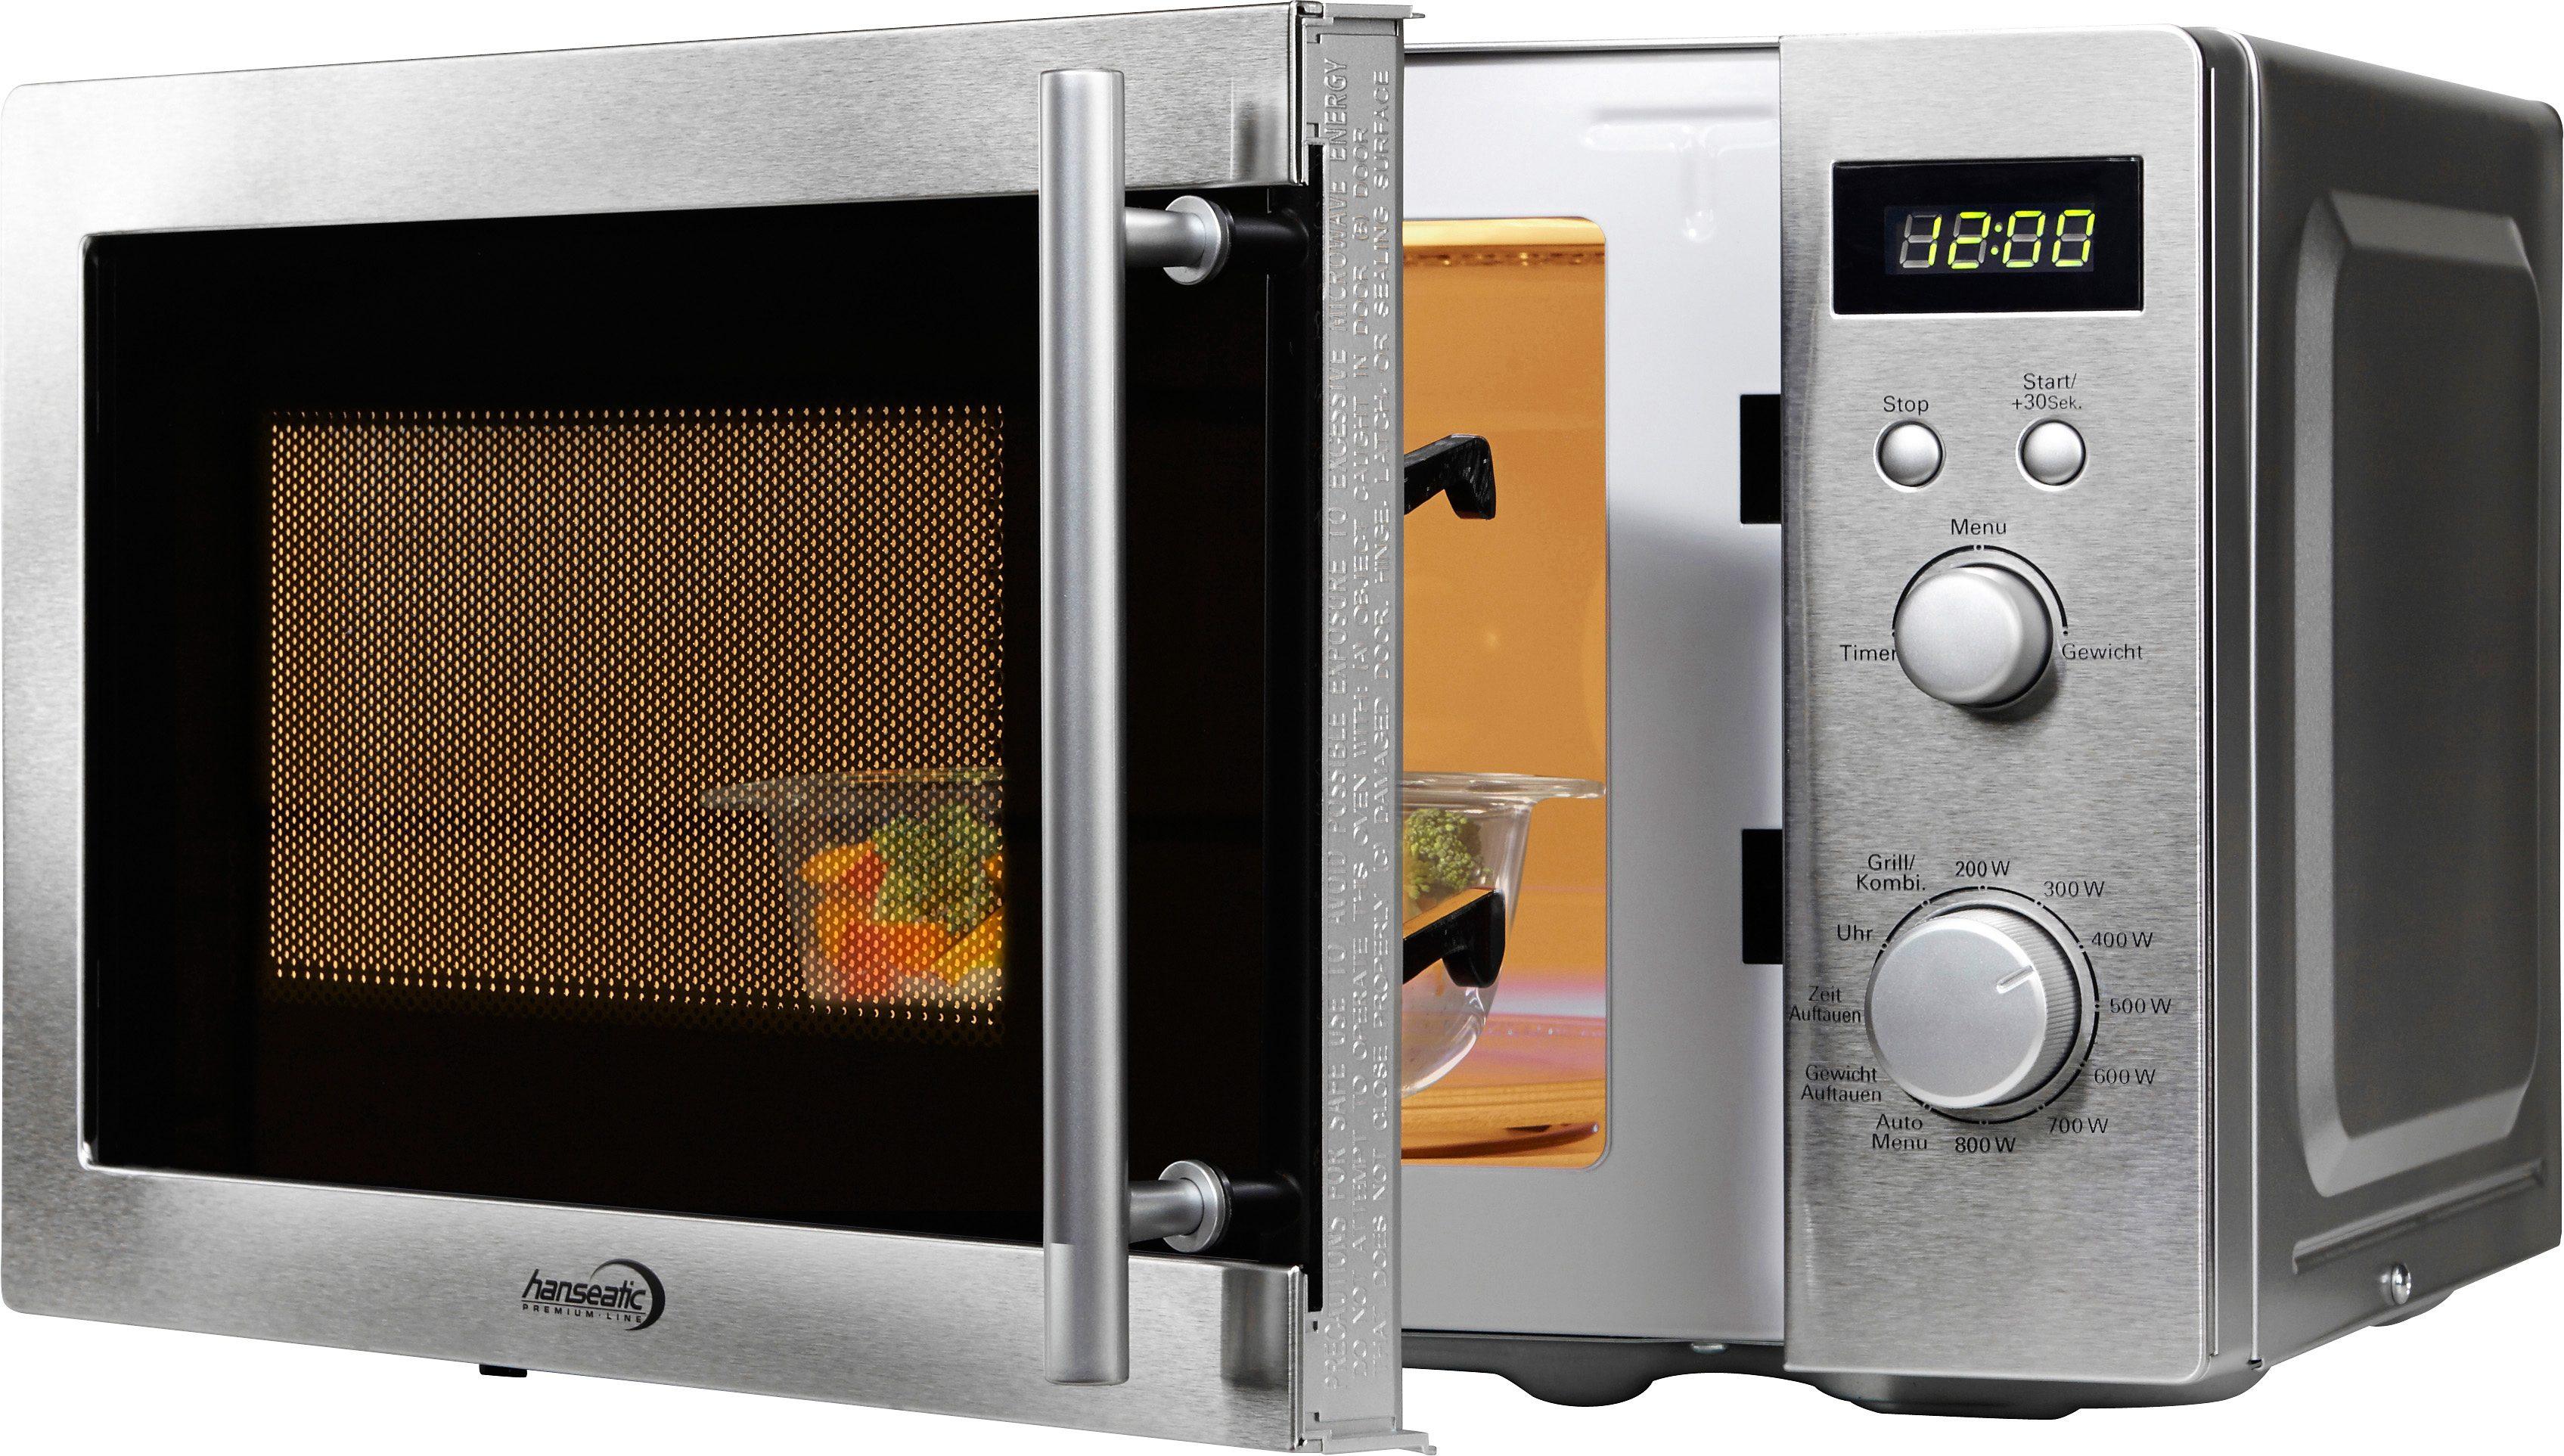 hanseatic Premium-Line Mikrowelle, mit Grillfunktion, 20 Liter Garraum, 800 Watt, 7 Leistungsstufen